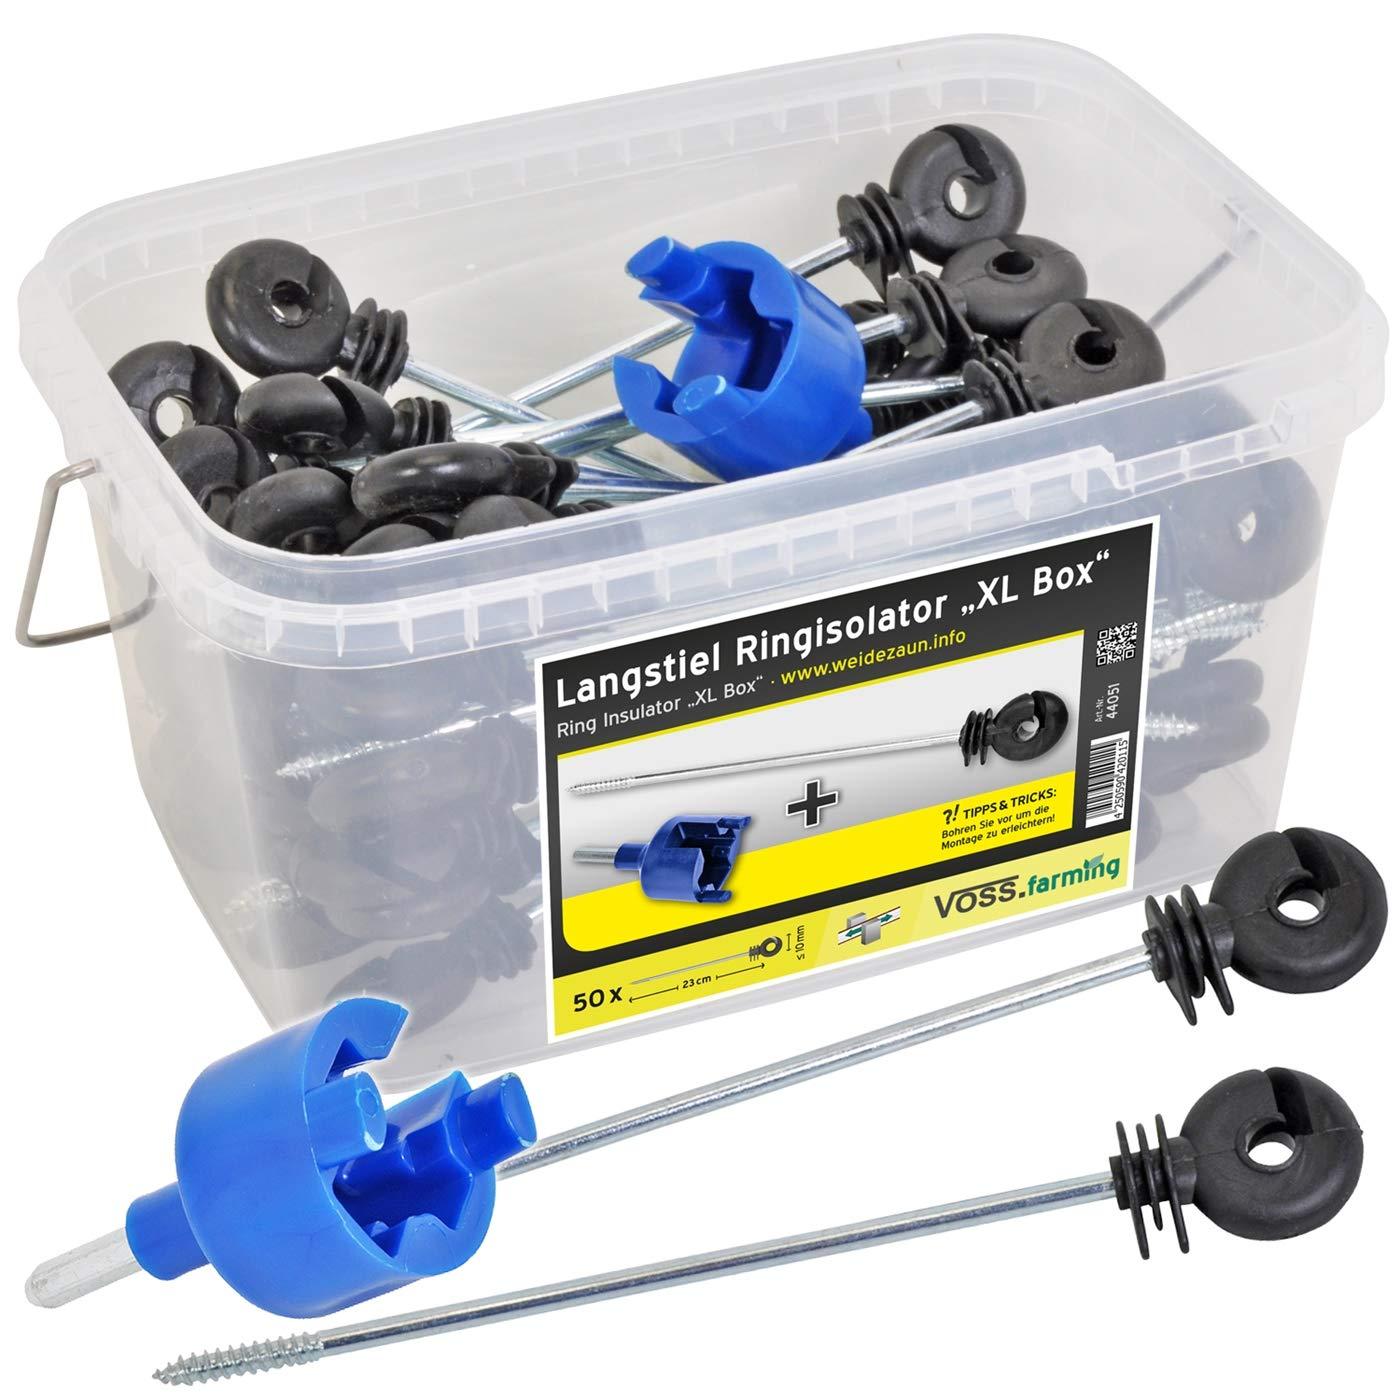 Voss.farming 50x Isolateur annulaire écarteur à longue tige XL Box » + visseur + boîte